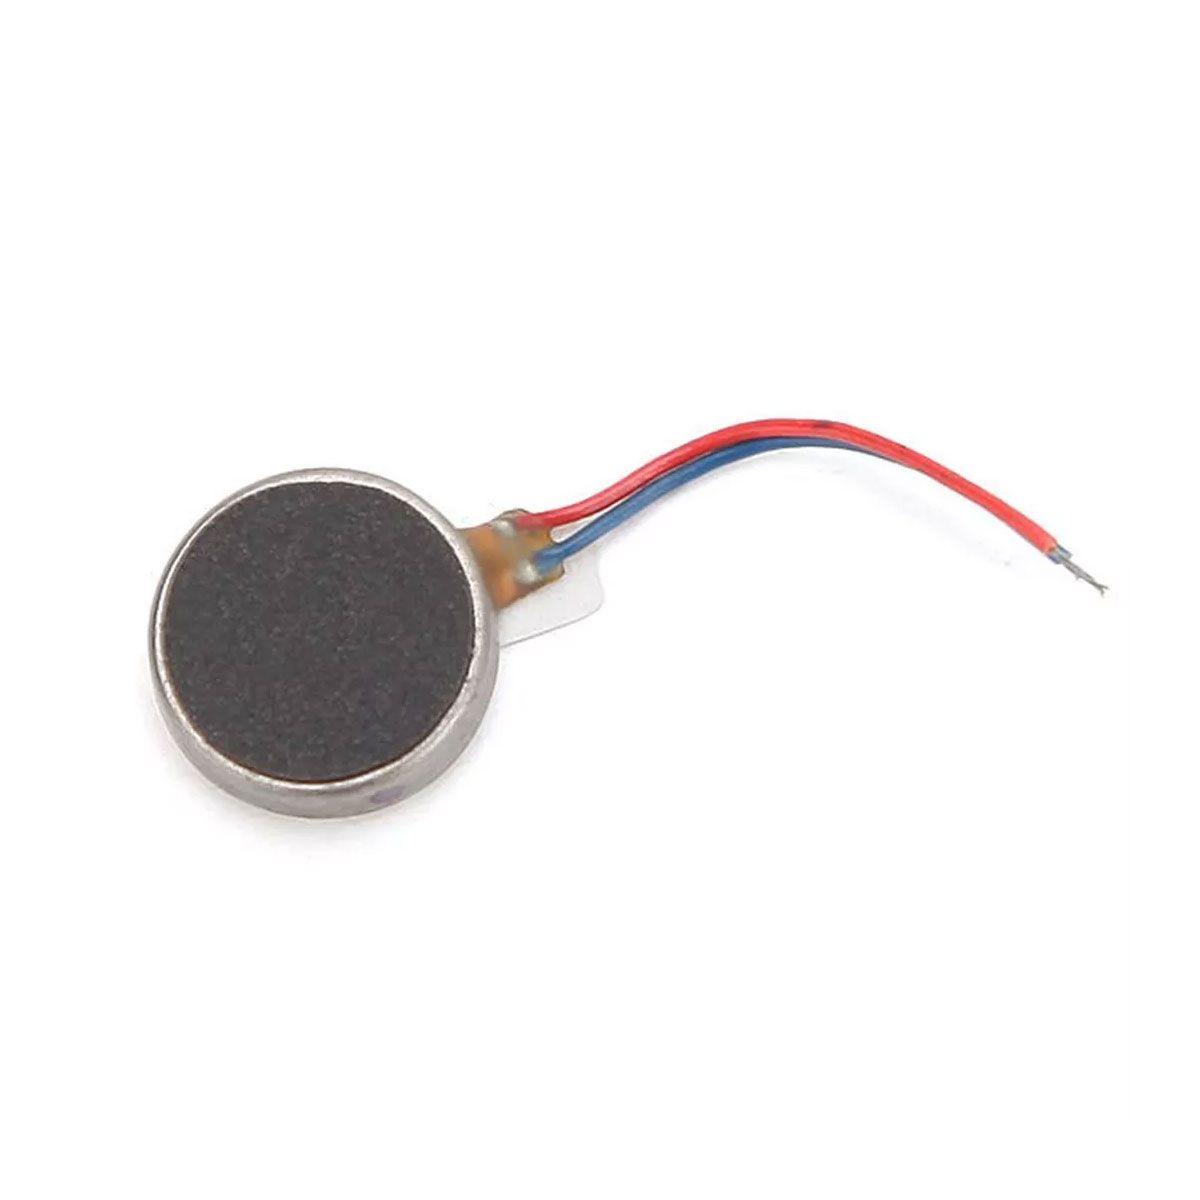 2x Motor de Vibração Vibracall 1027 3v